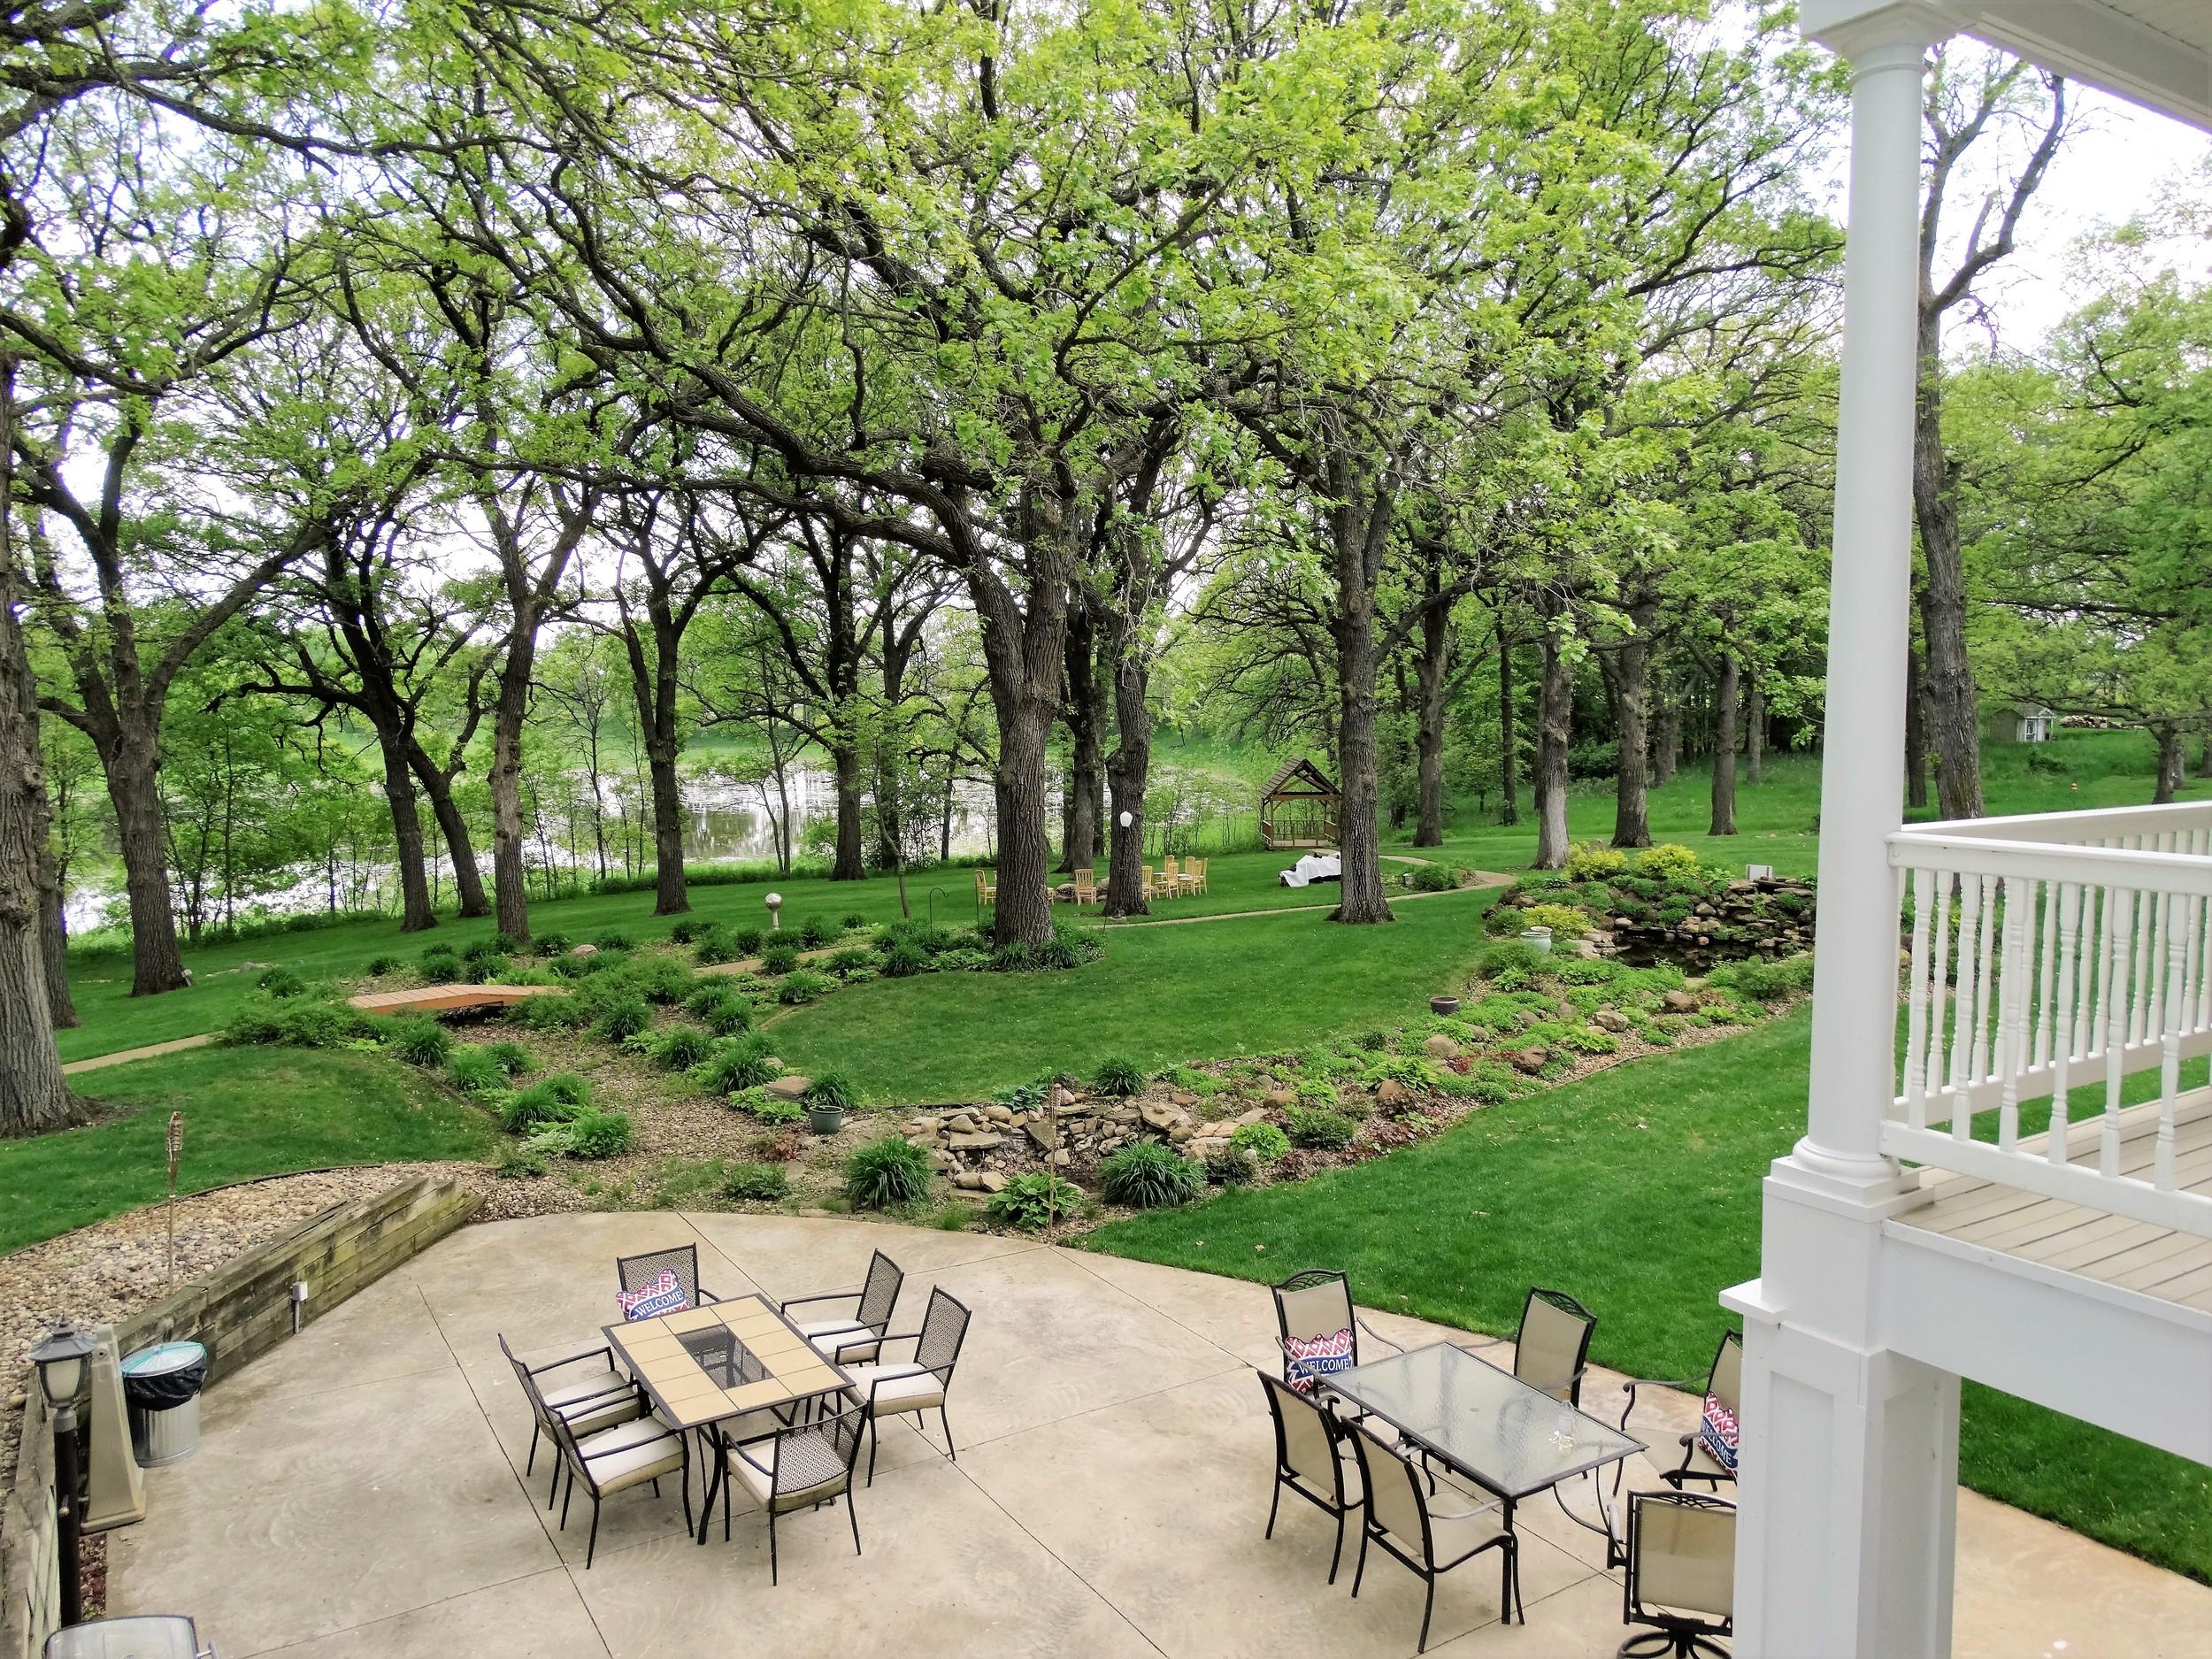 Springtime patio 2 - MT.JPG